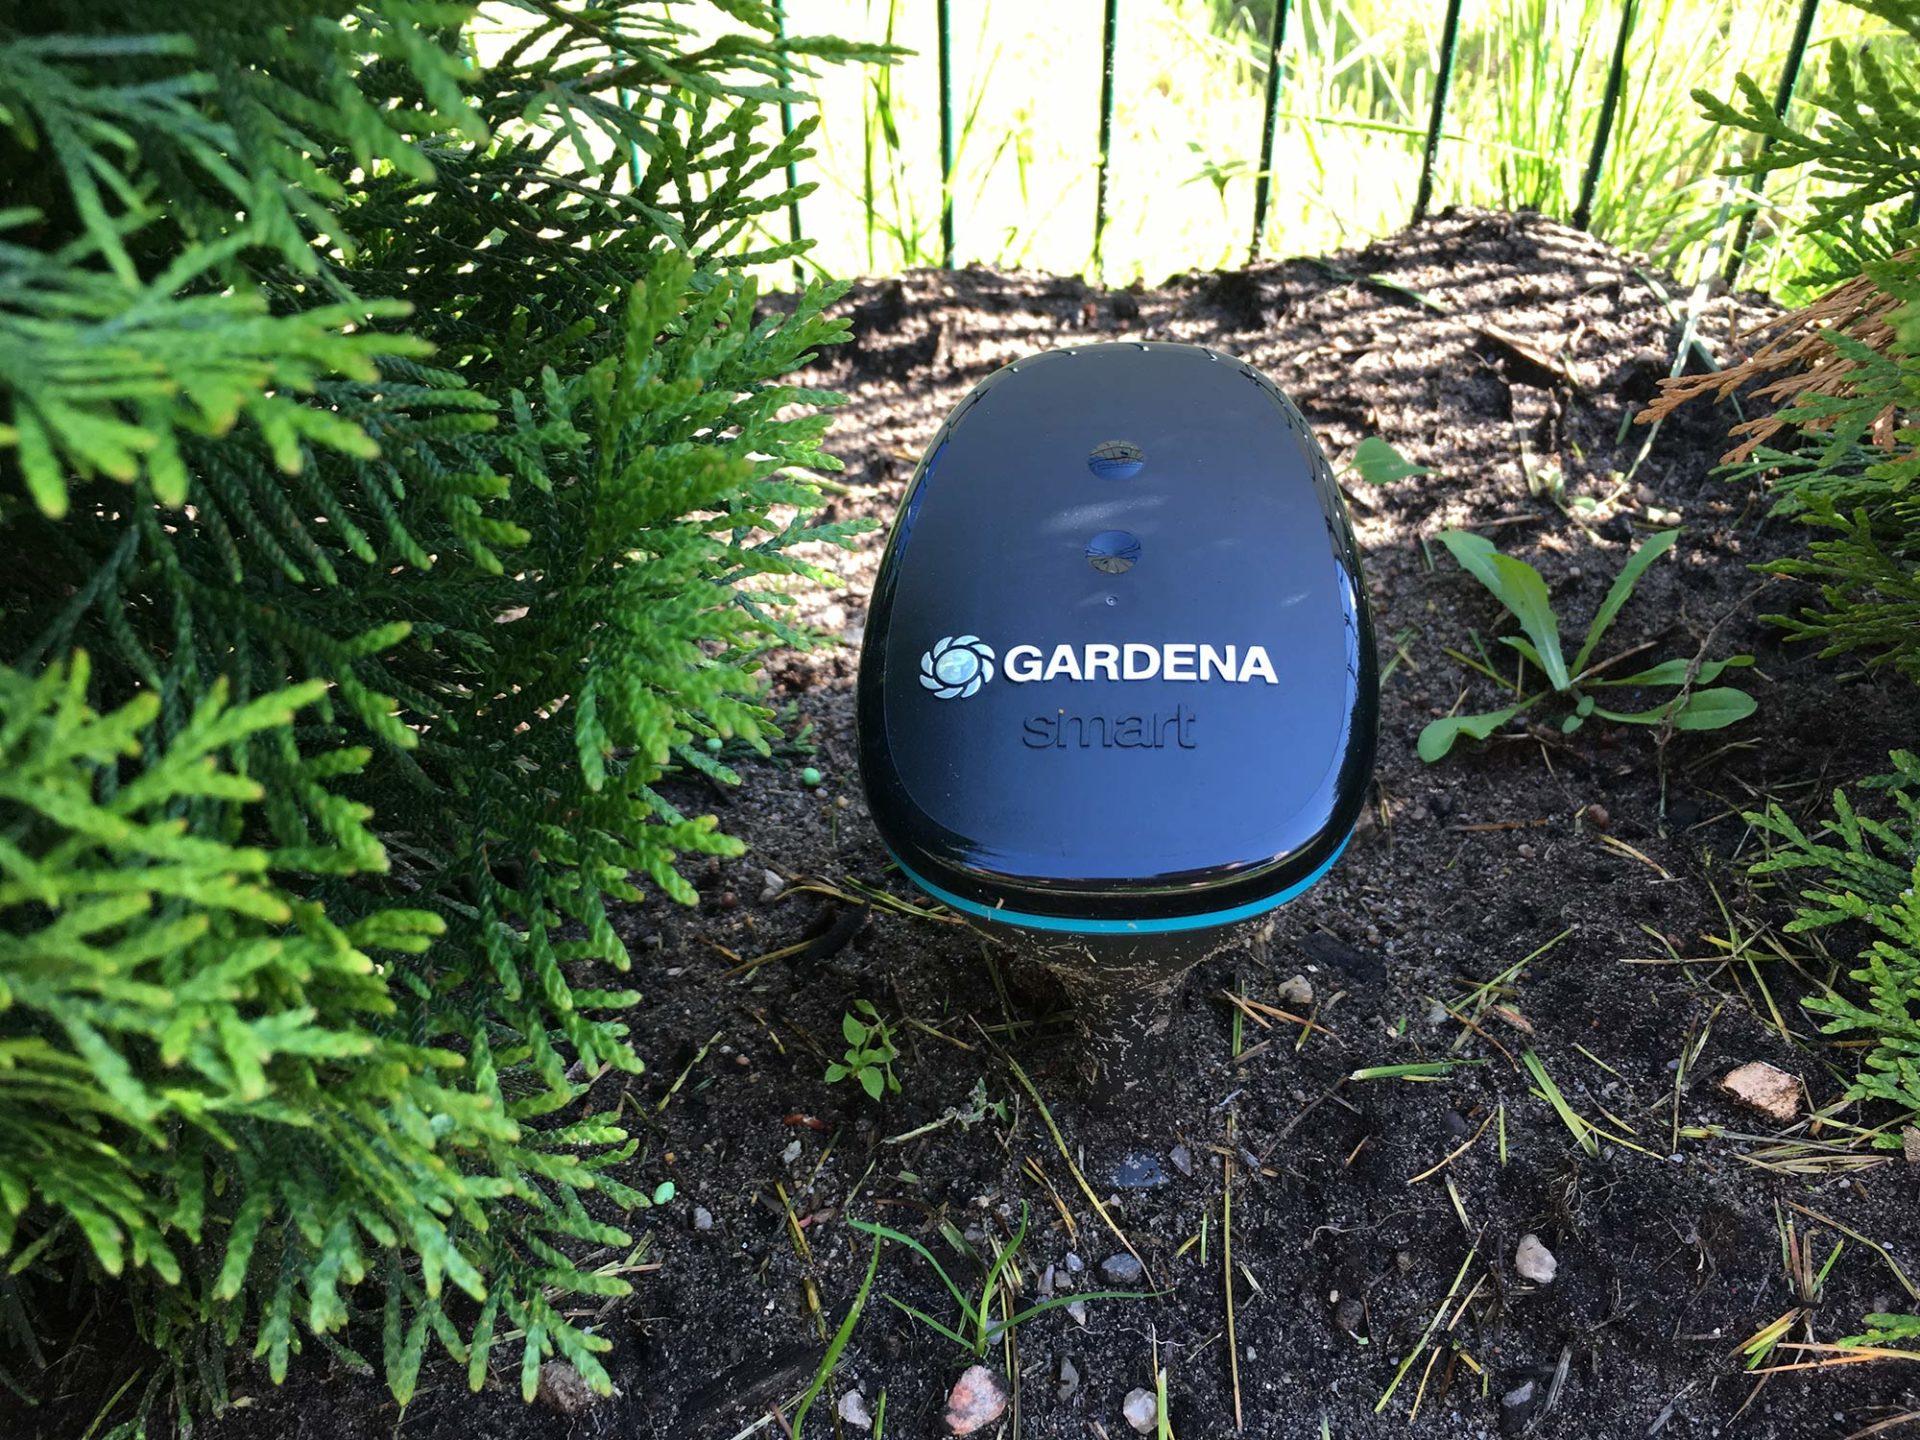 Full Size of Bewässerungssysteme Garten Test Gardena Smart Sensor Control Rasen Bewsserung Automatisieren Holzhäuser Tisch Rattanmöbel Feuerstellen Im Feuerstelle Garten Bewässerungssysteme Garten Test